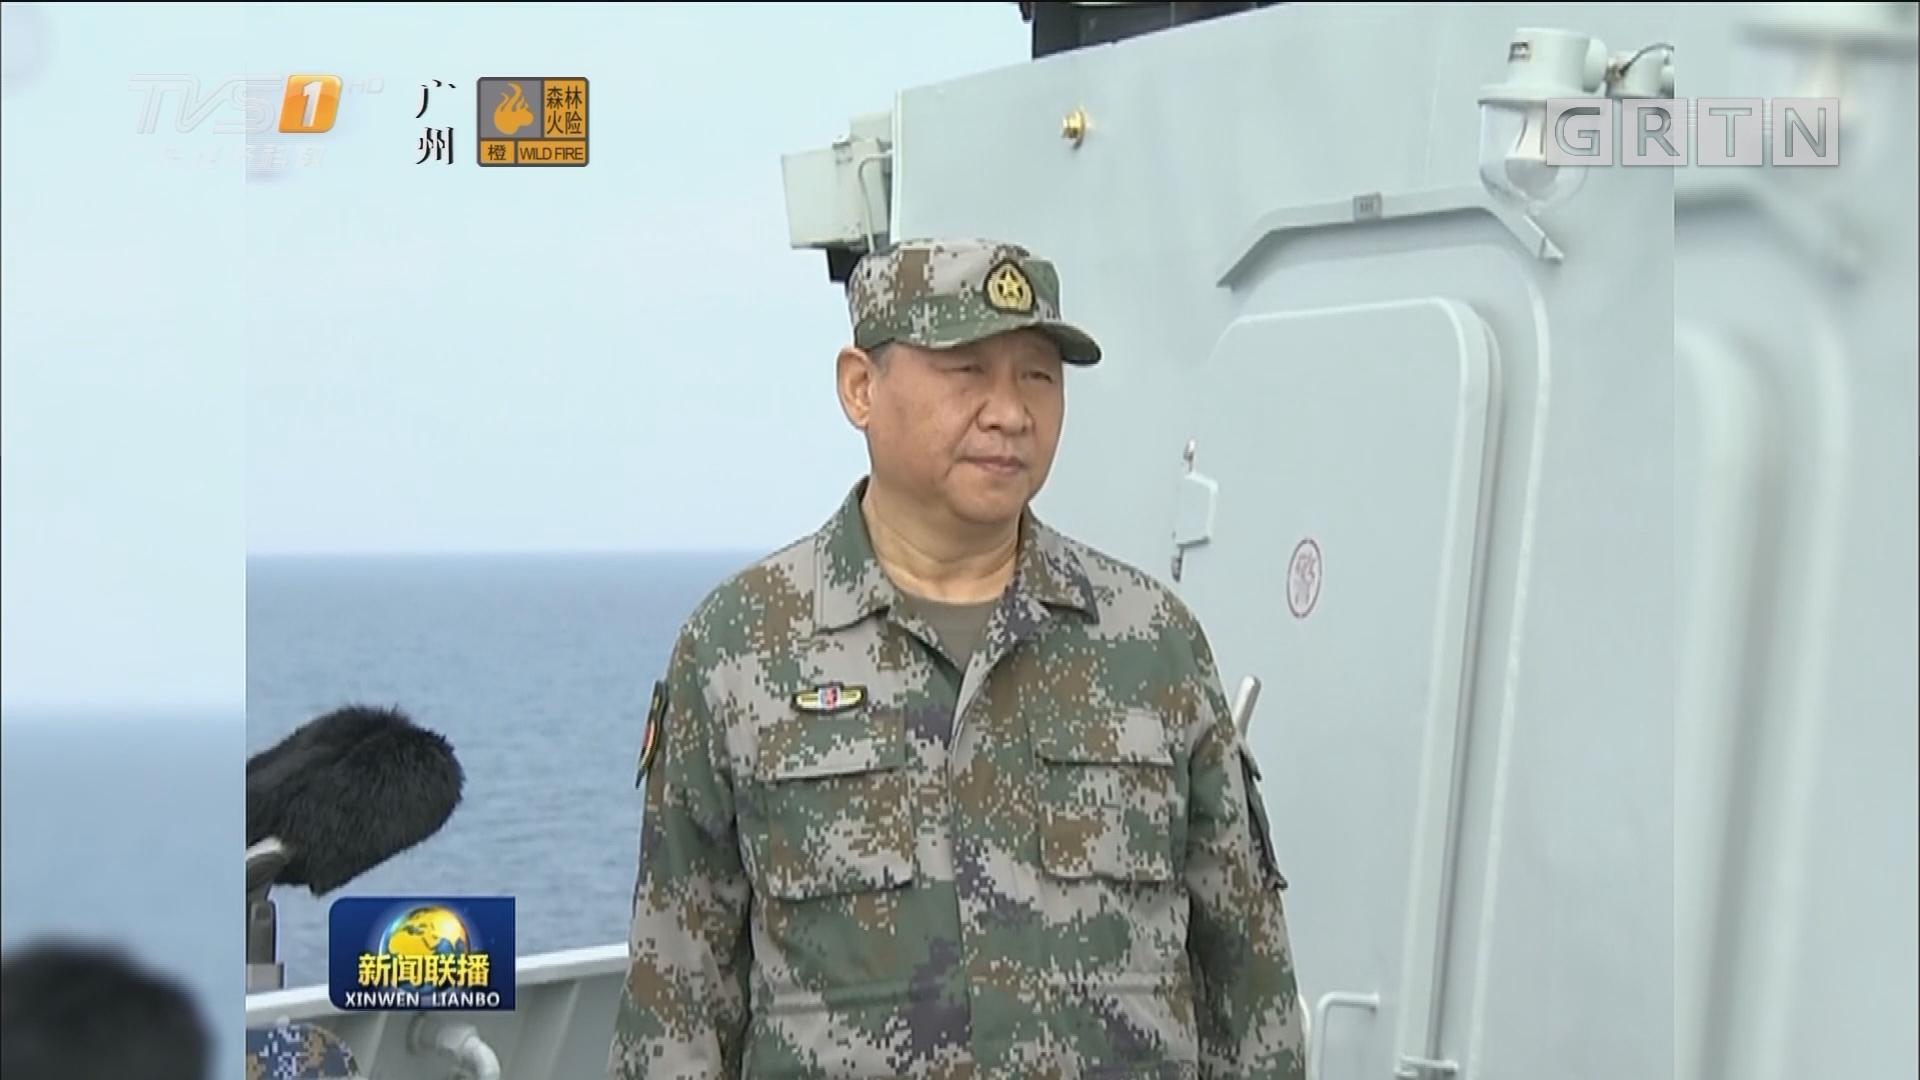 习近平在出席南海海域海上阅兵时强调 深入贯彻新时代党的强军思想 把人民海军全面建成世界一流海军